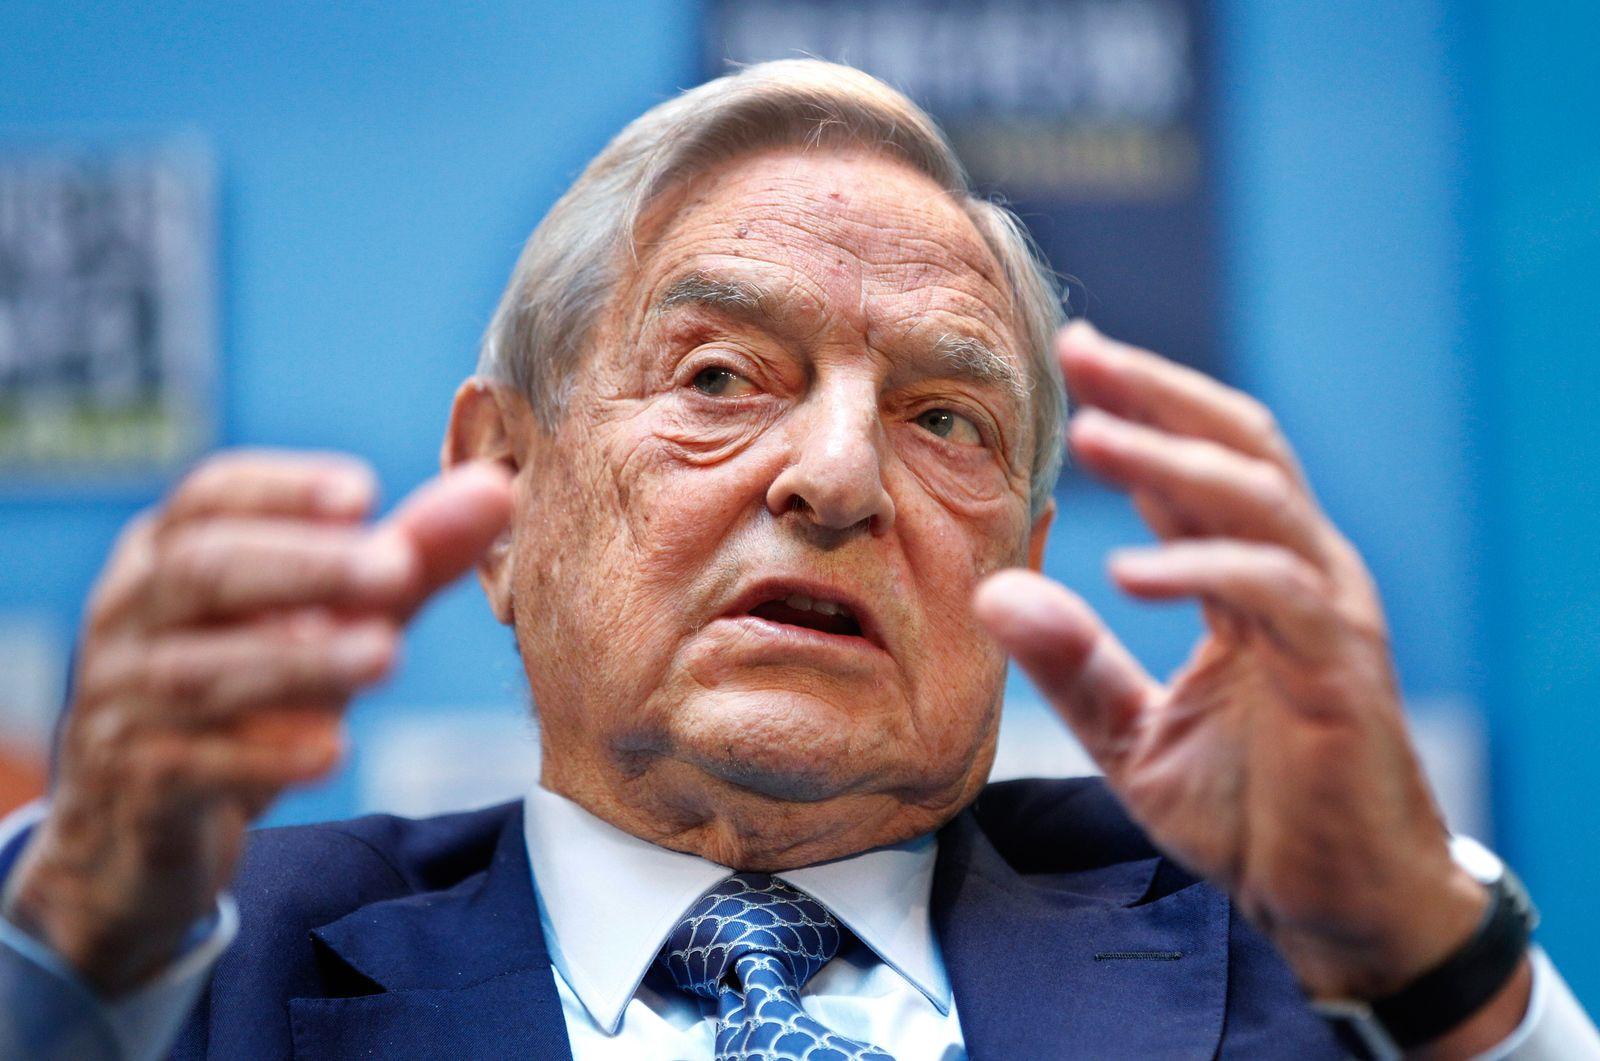 George Soros / gestikuliert